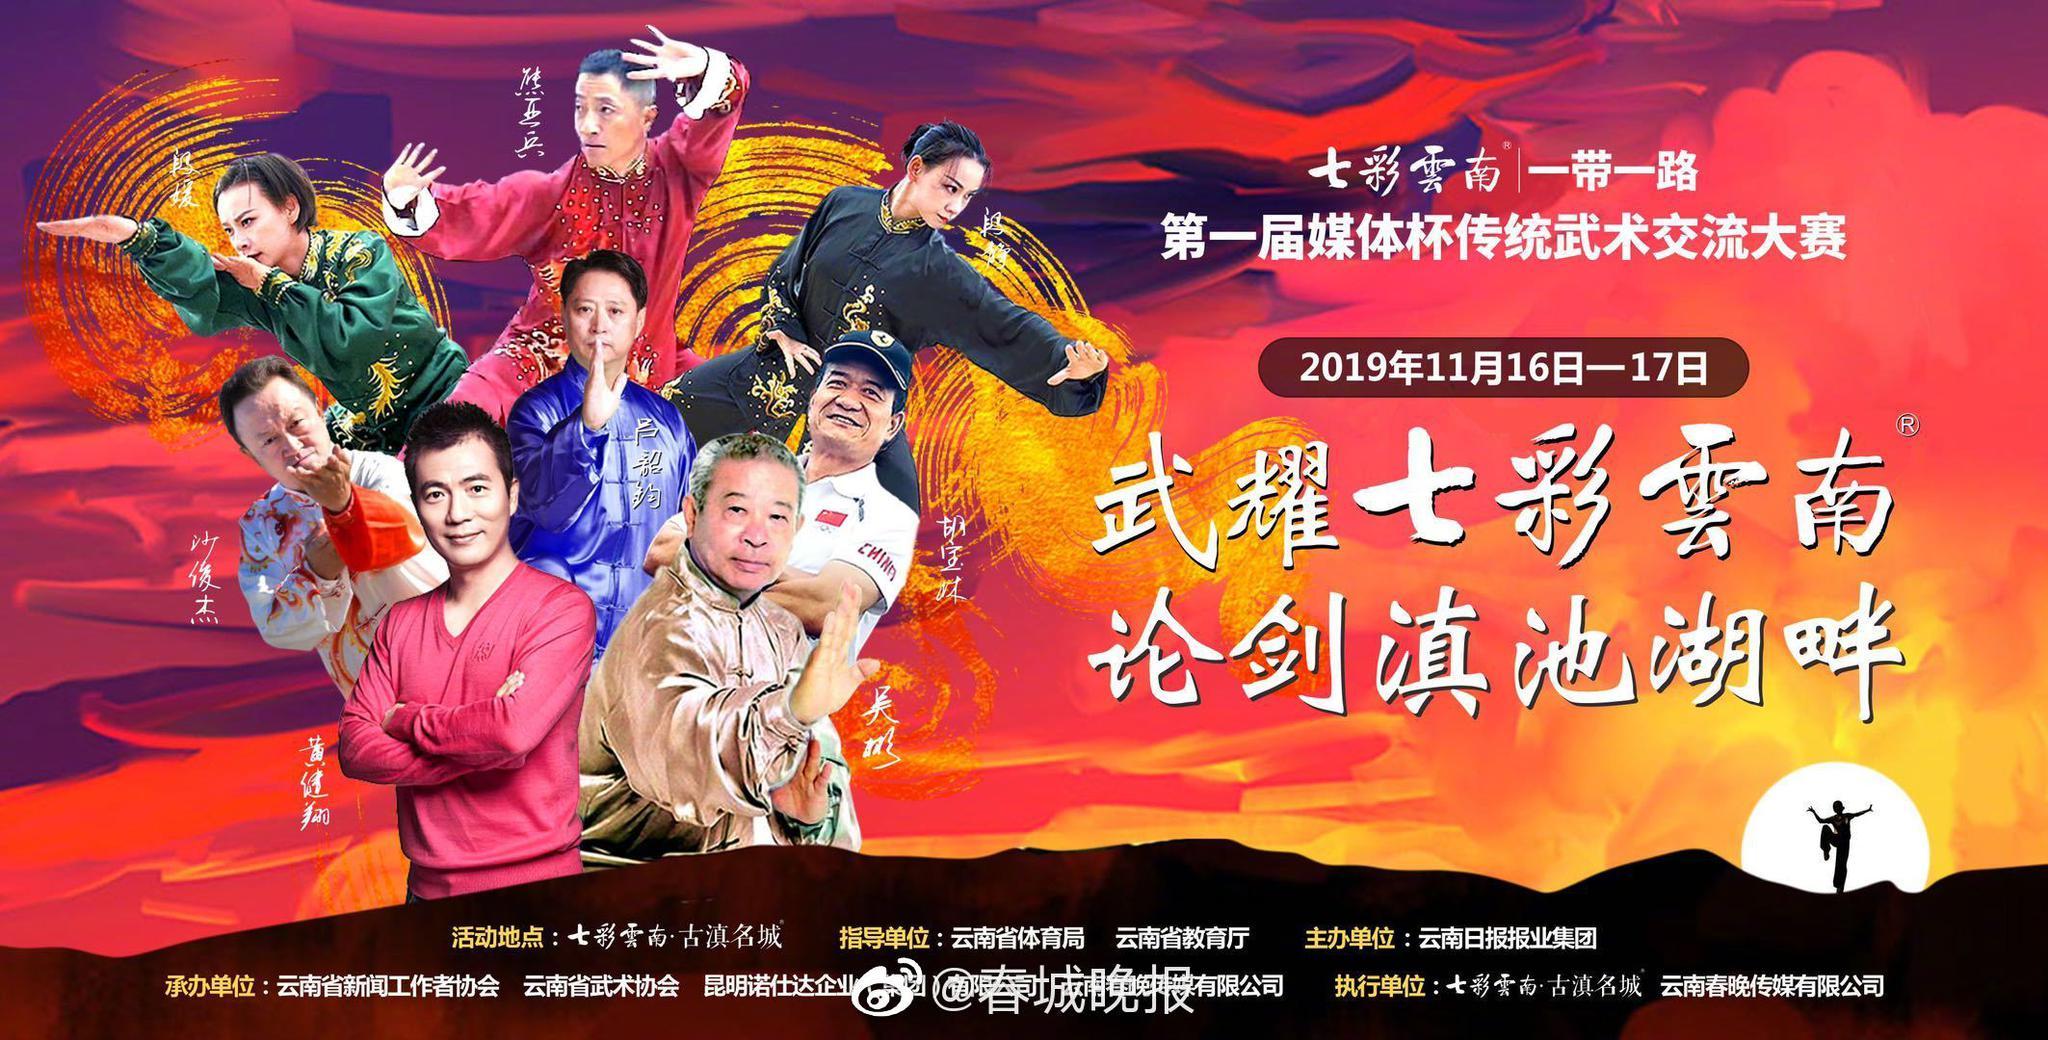 """""""七彩云南·一带一路""""第一届媒体杯传统武术交流大赛明日开赛"""